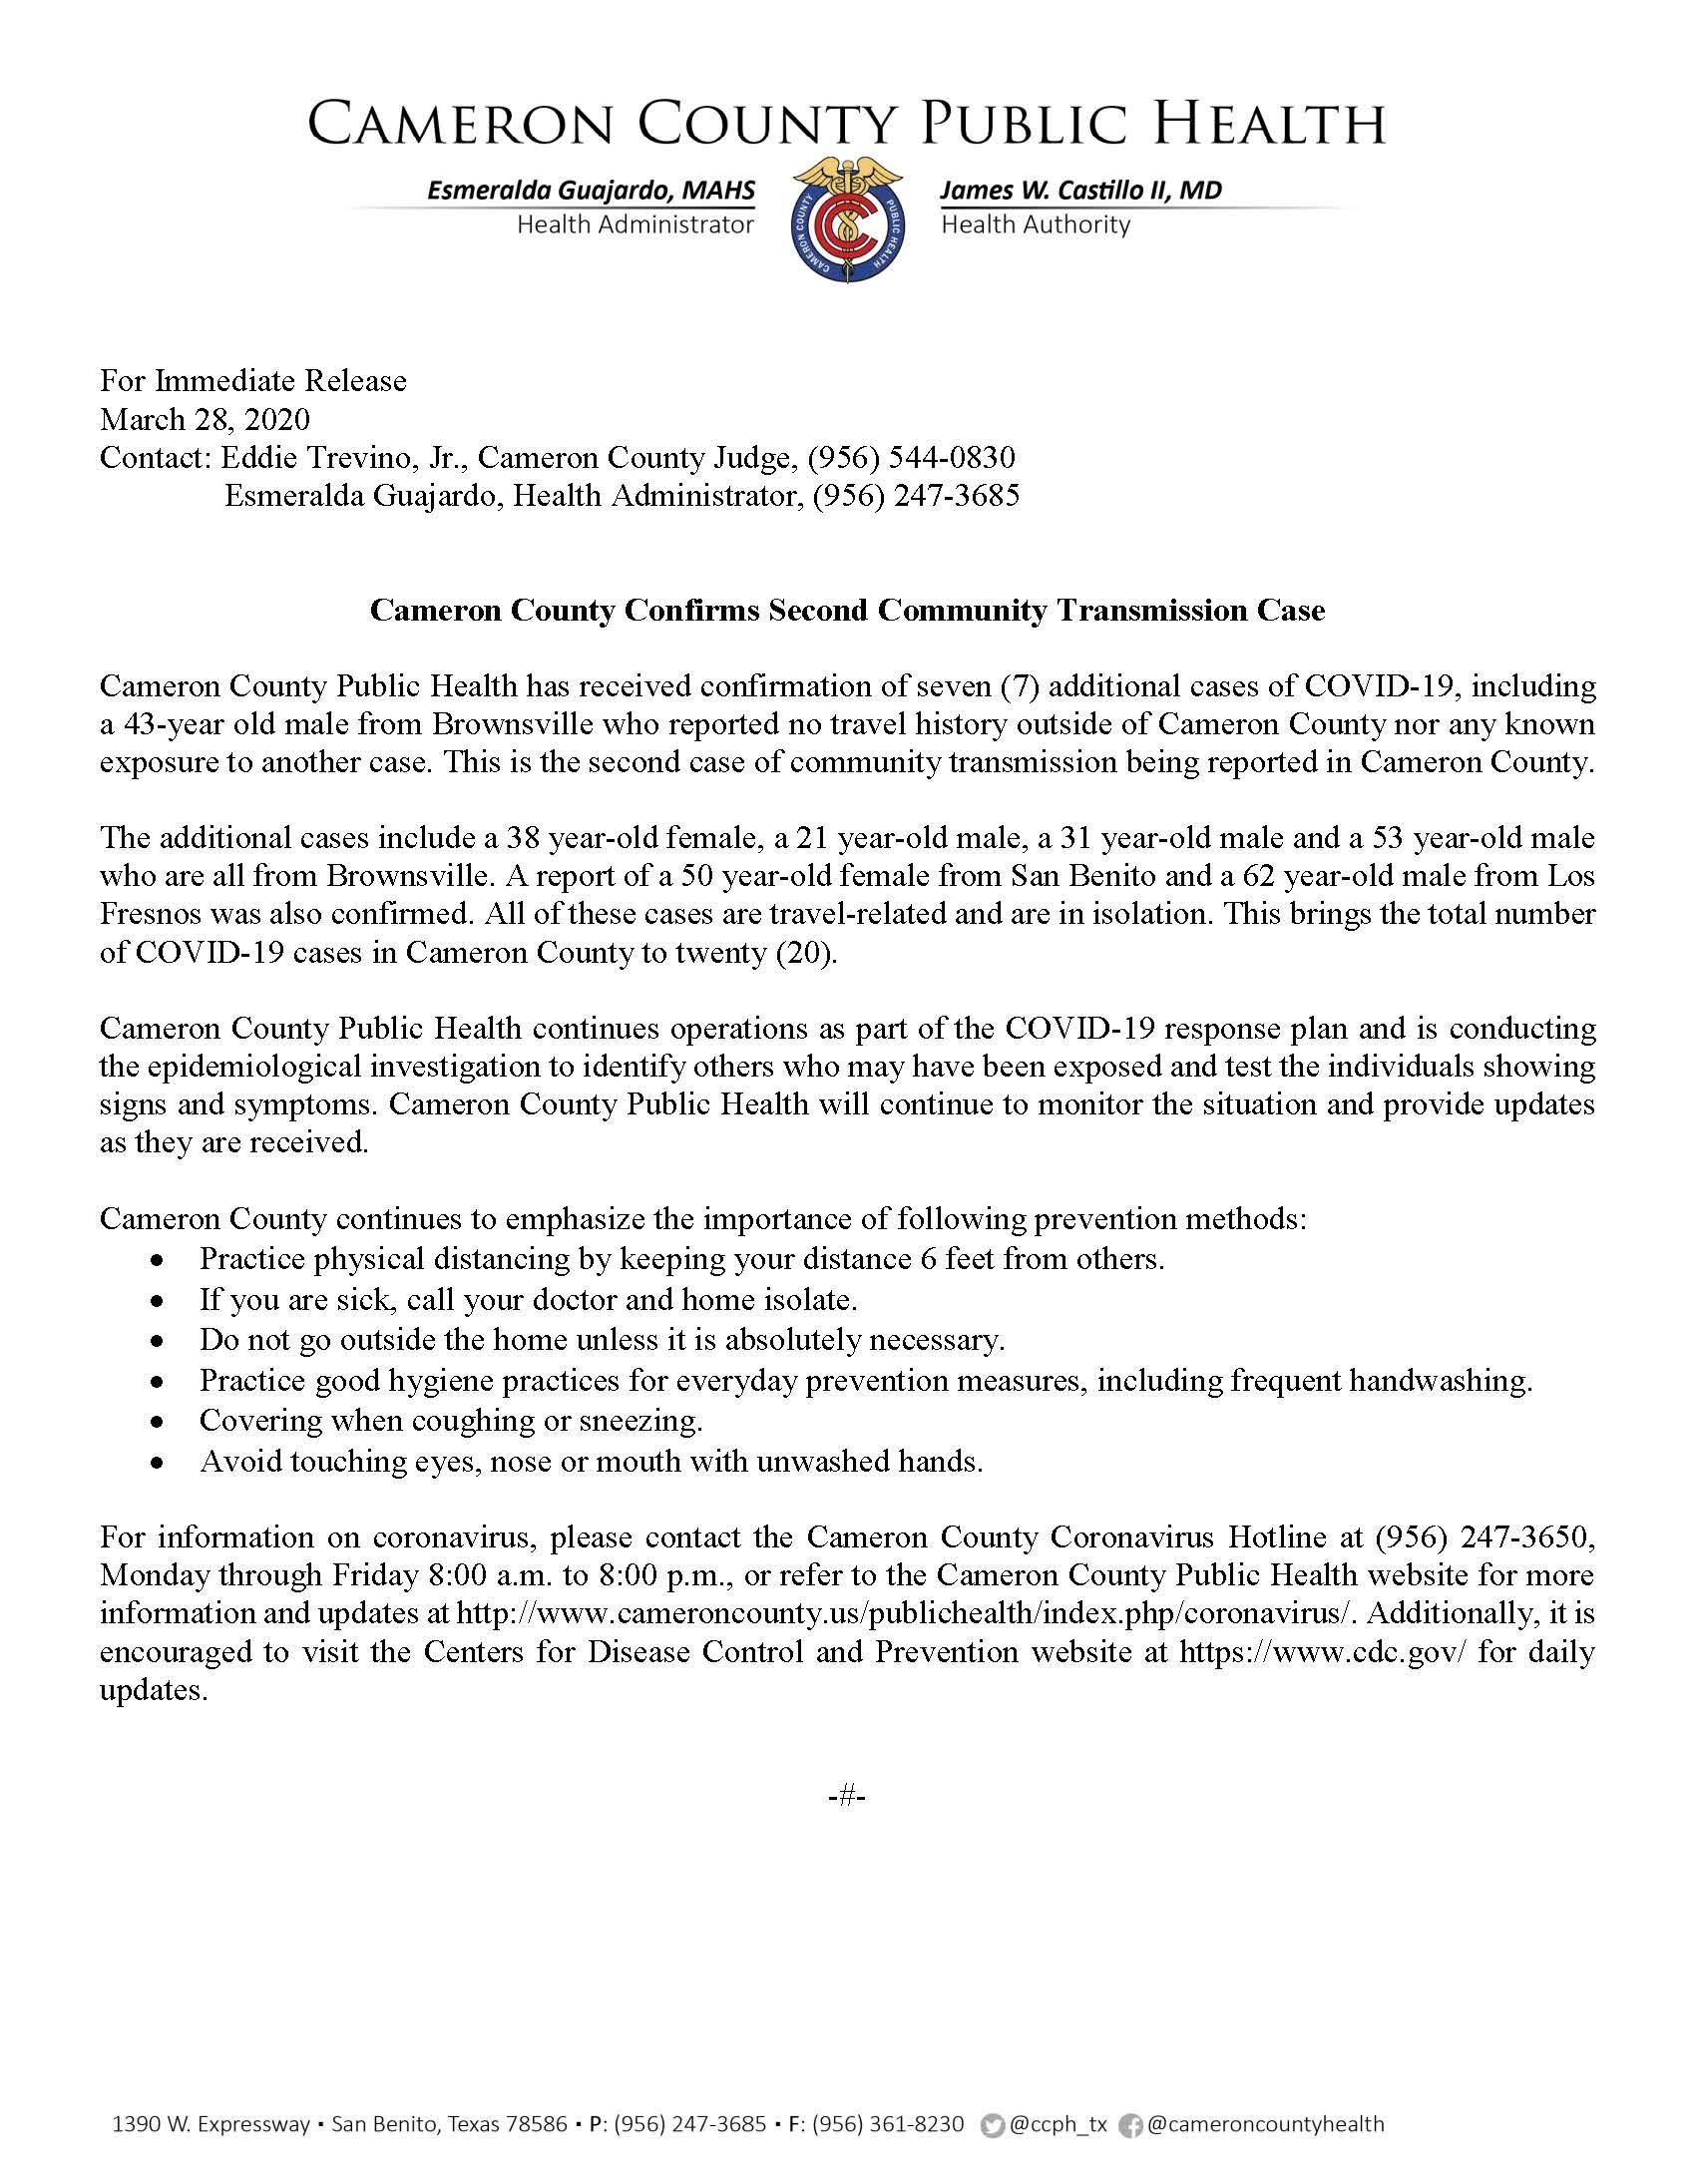 COVID 19 Press Release 2ndLocalTransmission  3.28.2020